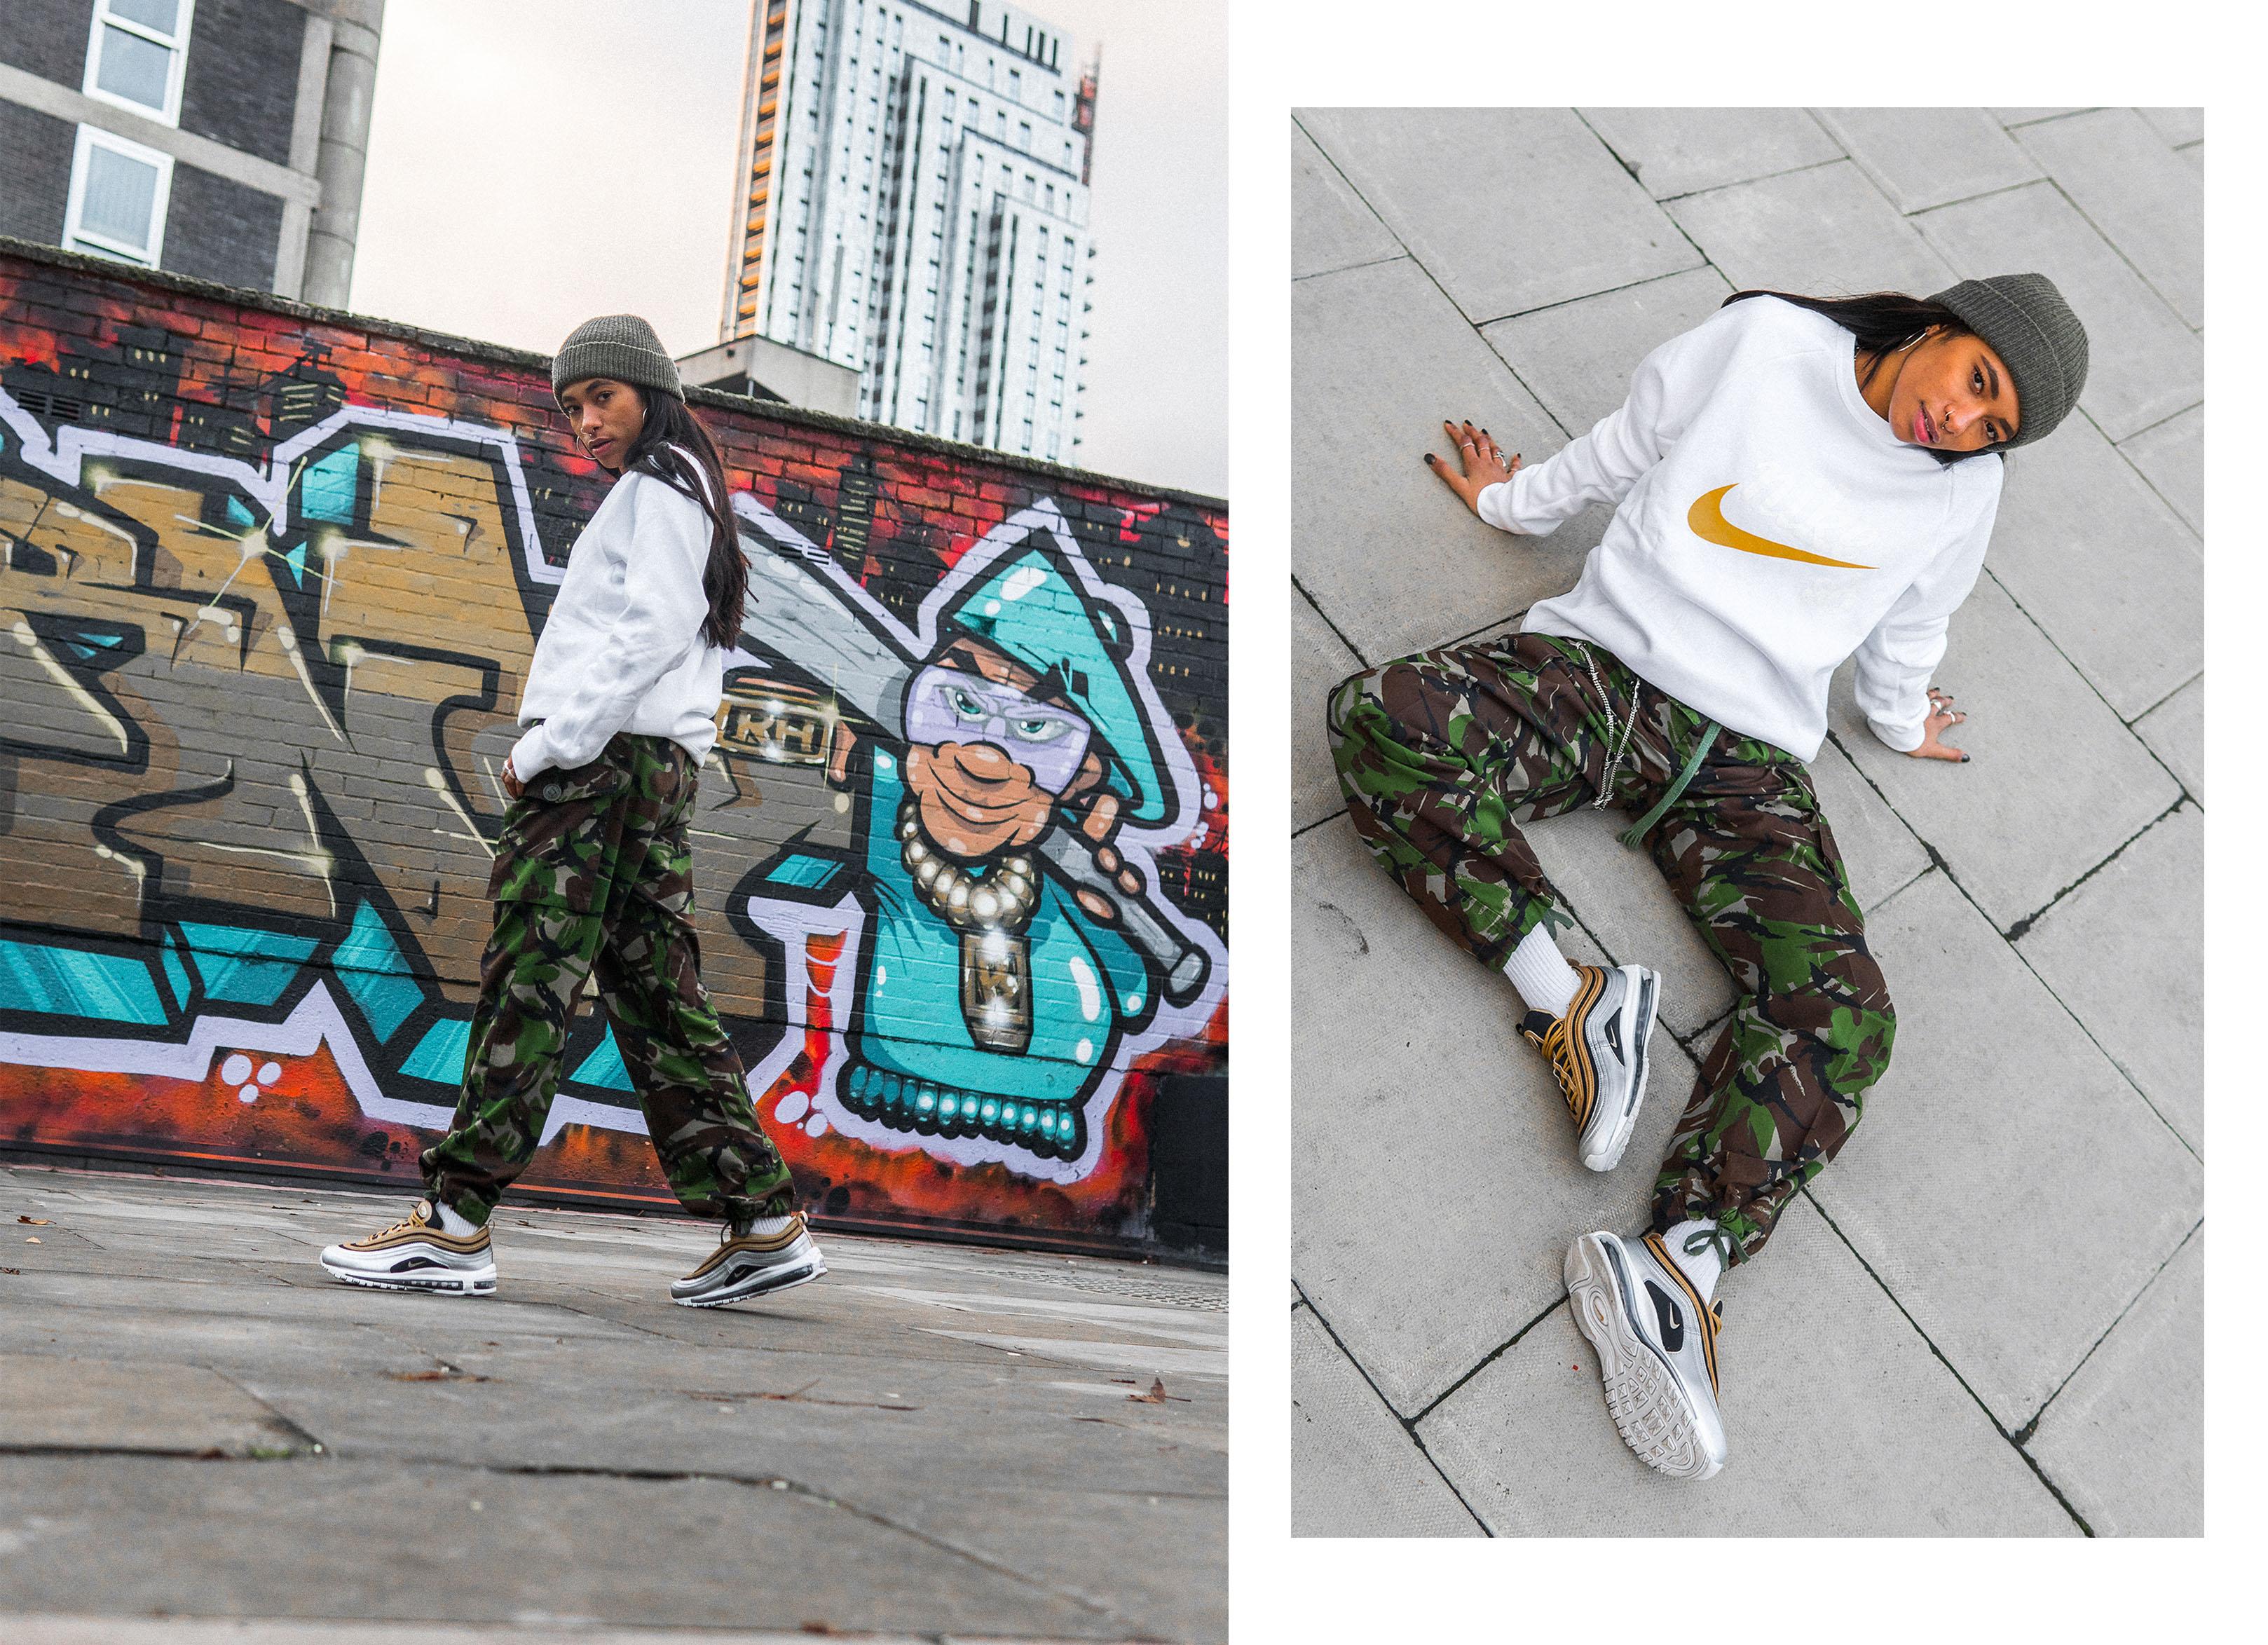 Styling: Nike Metallic Pack Air Max 97, Air Max Plus TN, Air Force 1